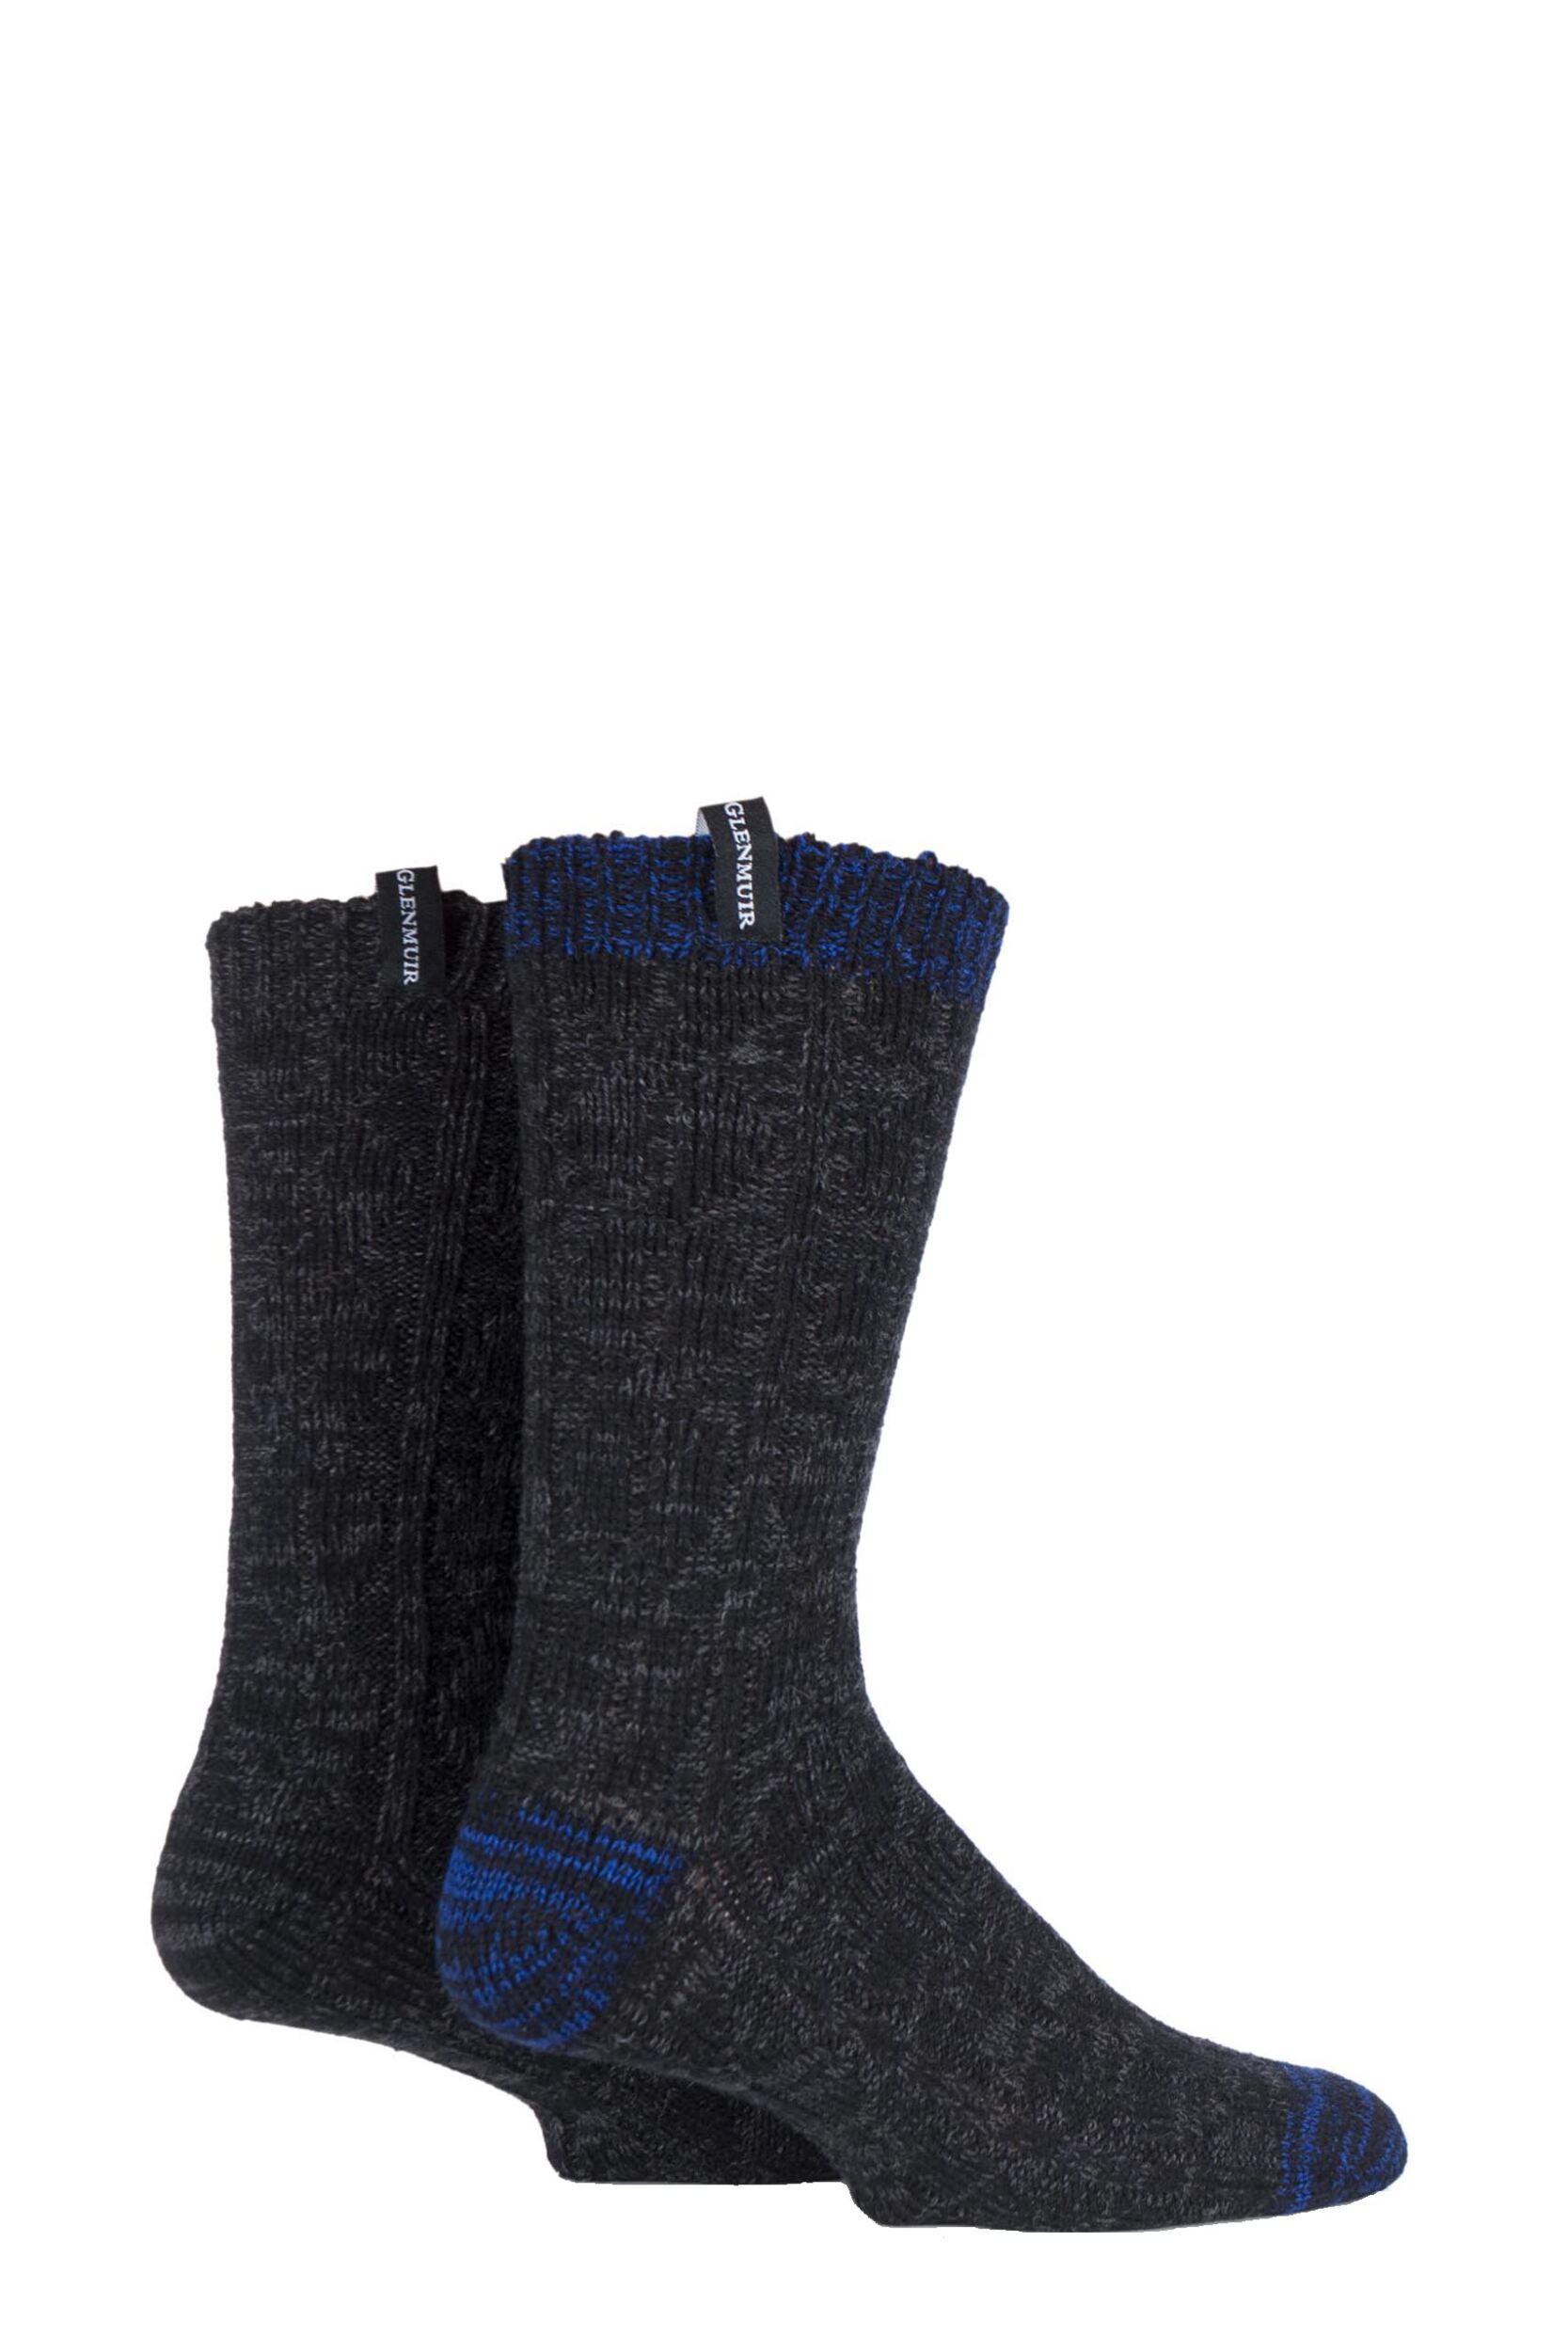 Da-Uomo-2-Paio-Glenmuir-Misto-Lana-Merino-Cavo-Lavorato-a-maglia-Boot-Socks